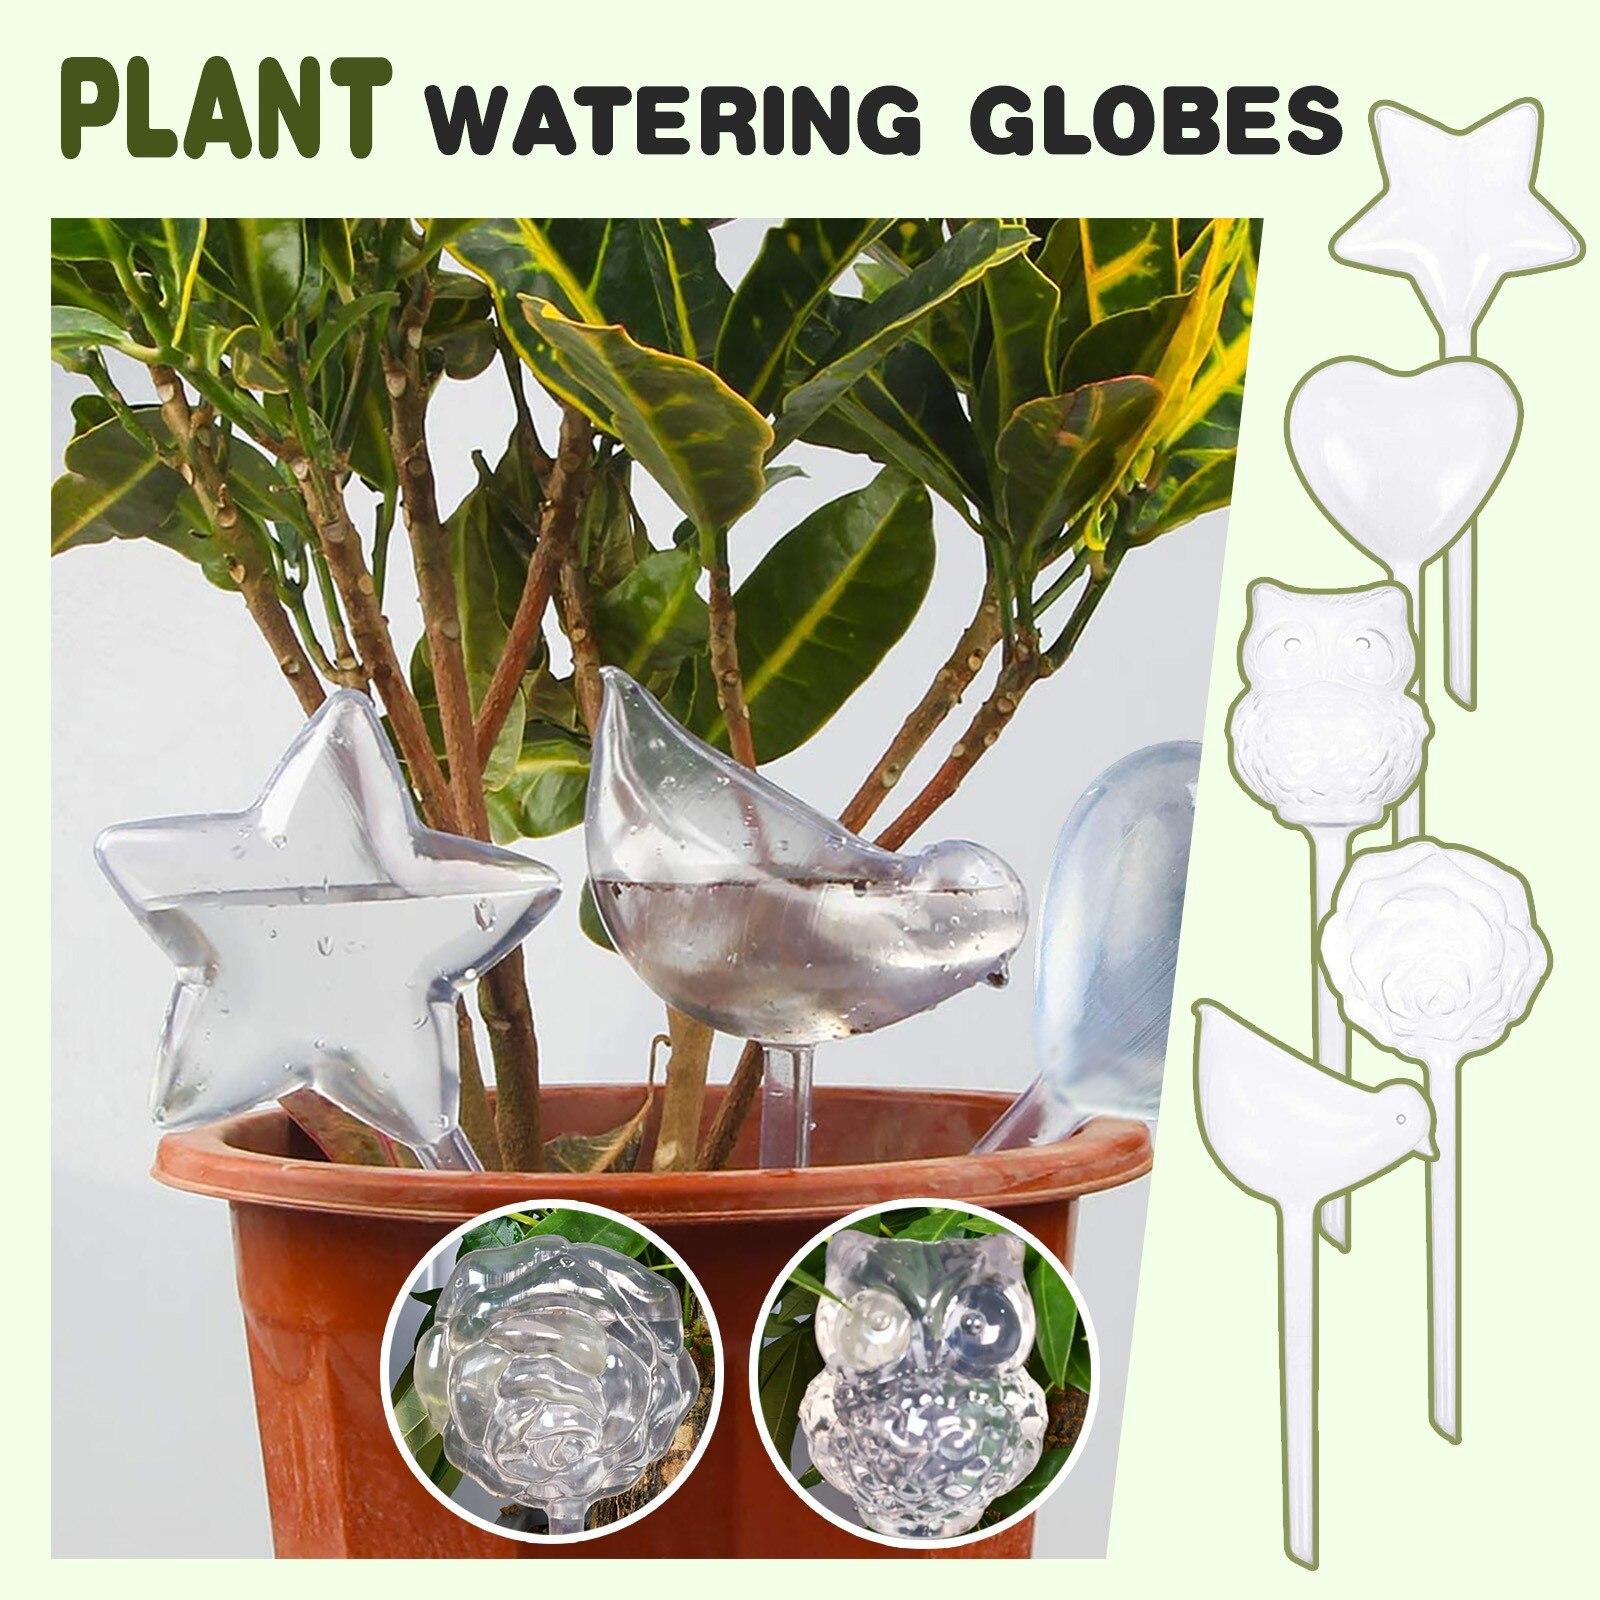 Система капельного полива # M0, автоматическая система полива растений, цветов, ПВХ, для дома и улицы